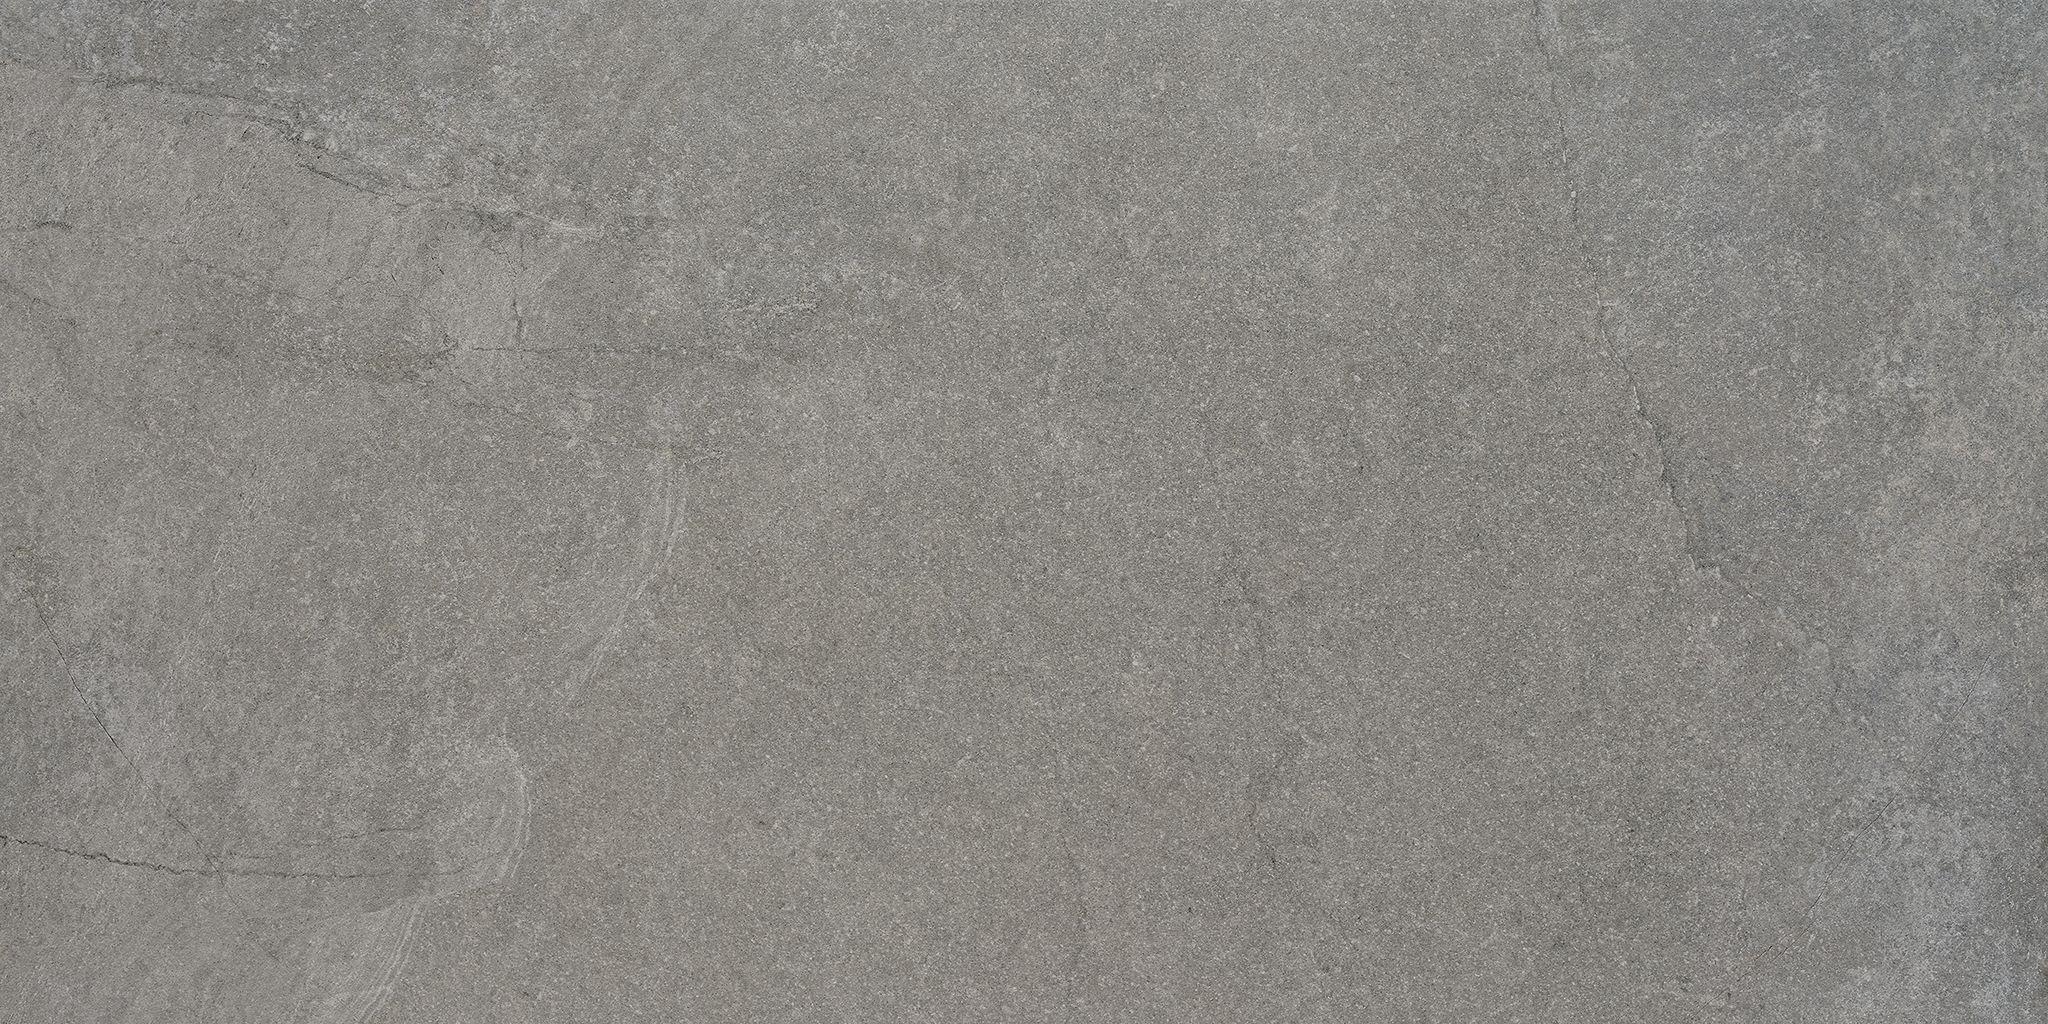 Faianță pentru baie Saloni Quarz Gris Lappato 600x1200 semi-lustruită gri / 2